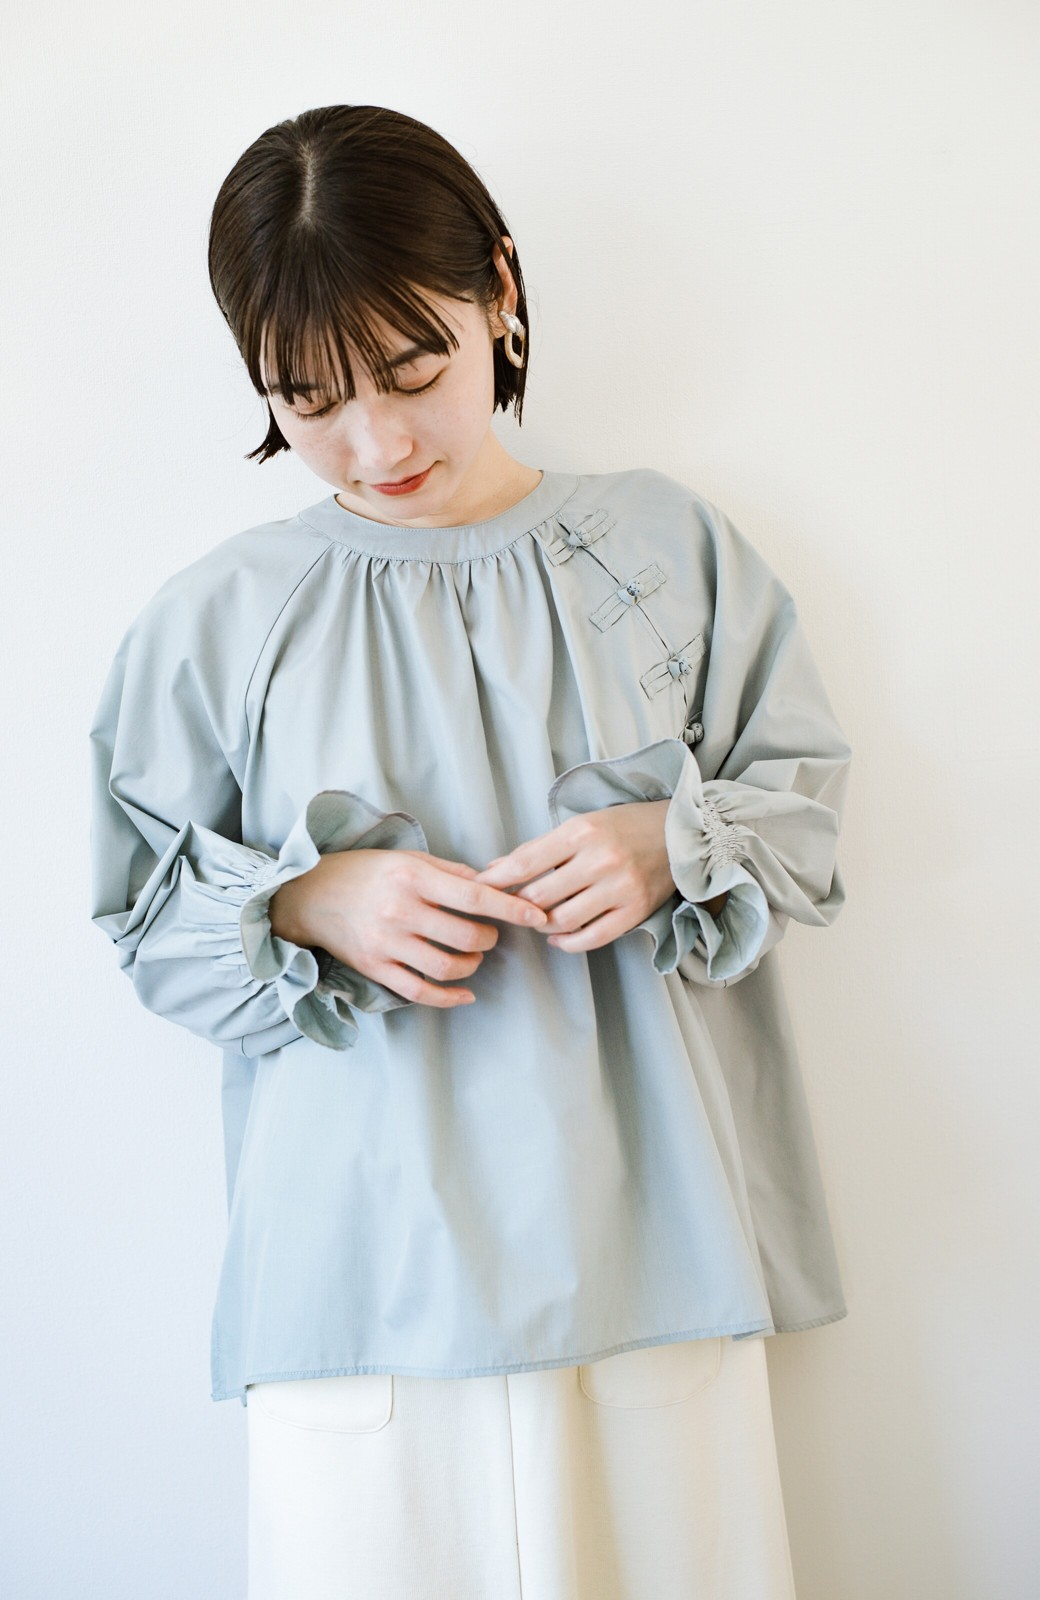 haco! パッと着るだけで新鮮&おしゃれ見え!ゆるめサイズが今っぽいチャイナボタンブラウス <ミント>の商品写真20